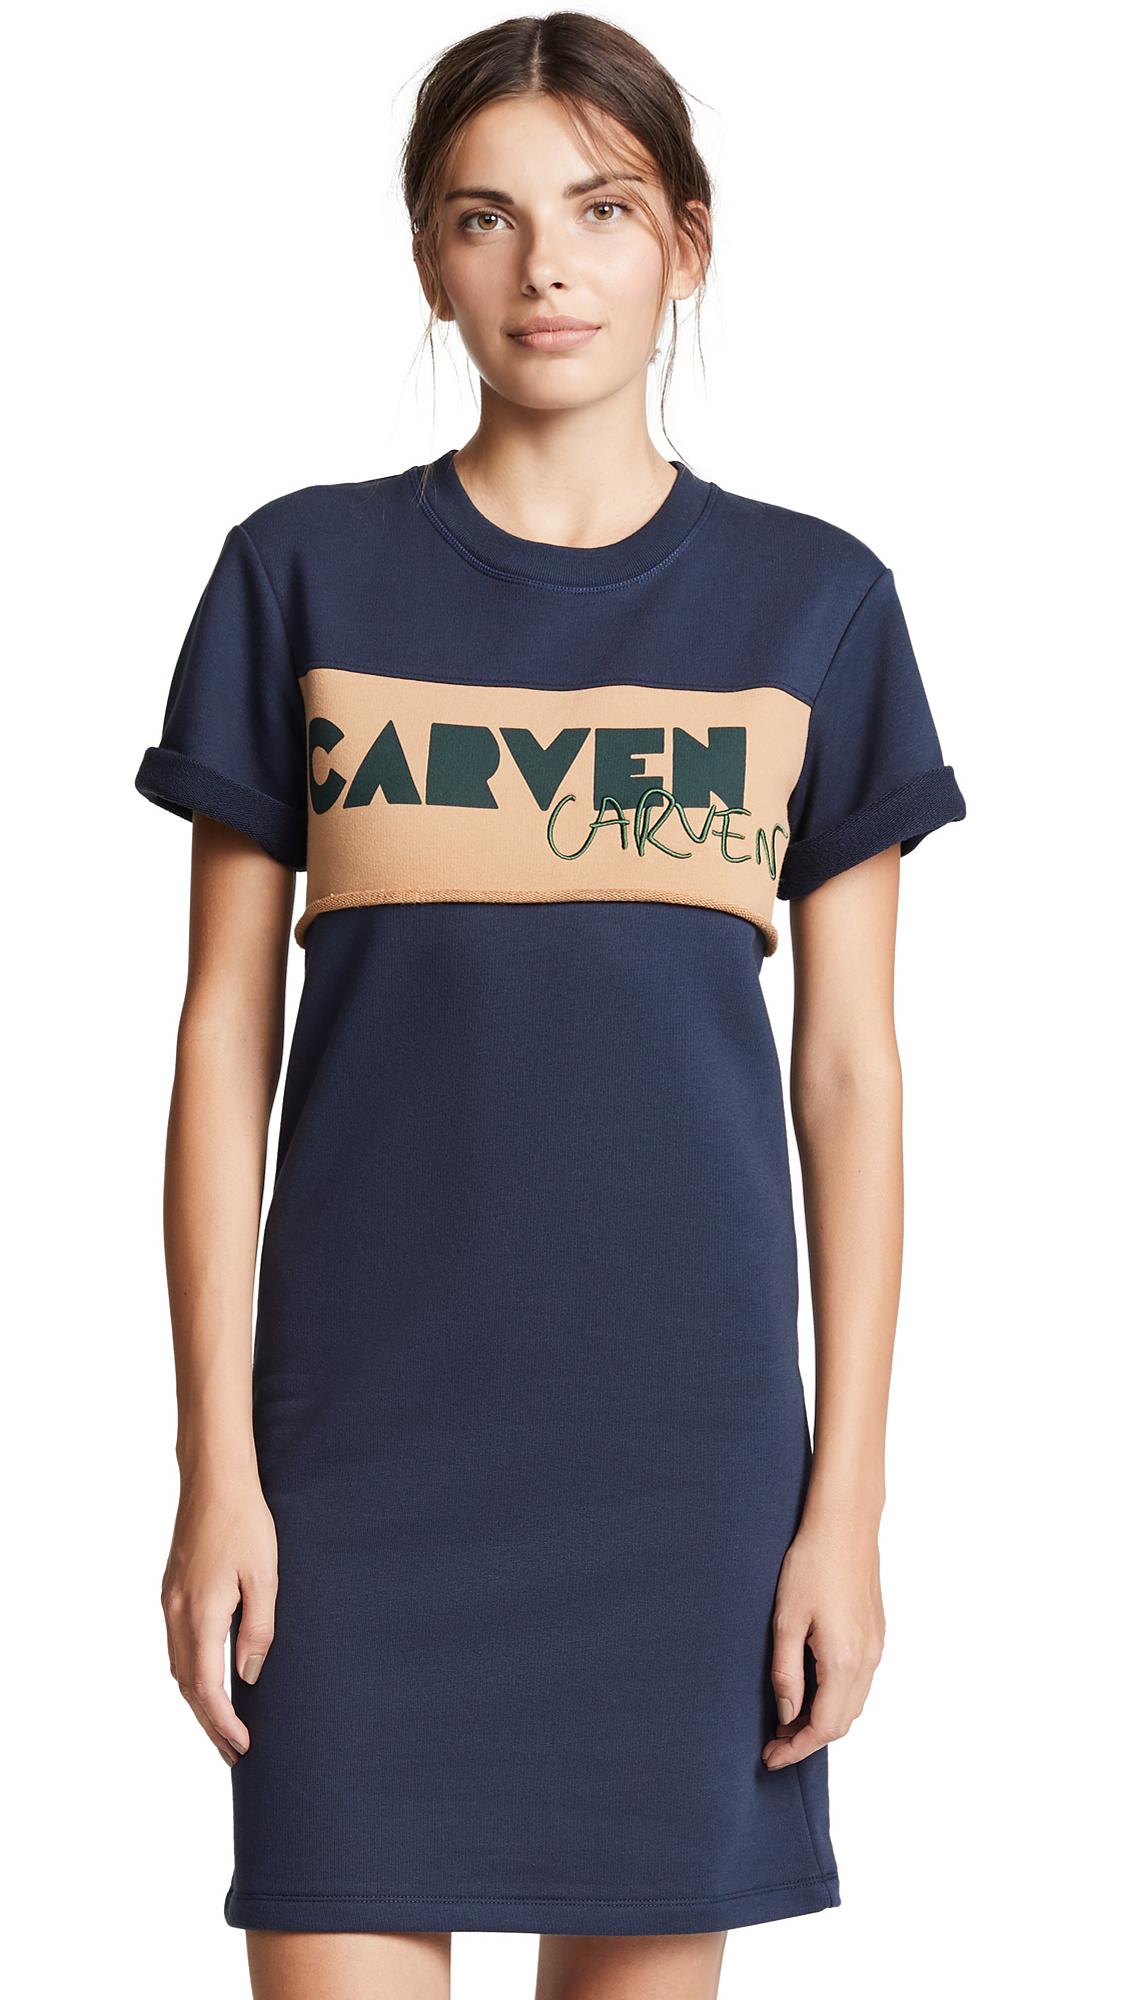 Carven Fleece Tee Dress In Navy/Tan